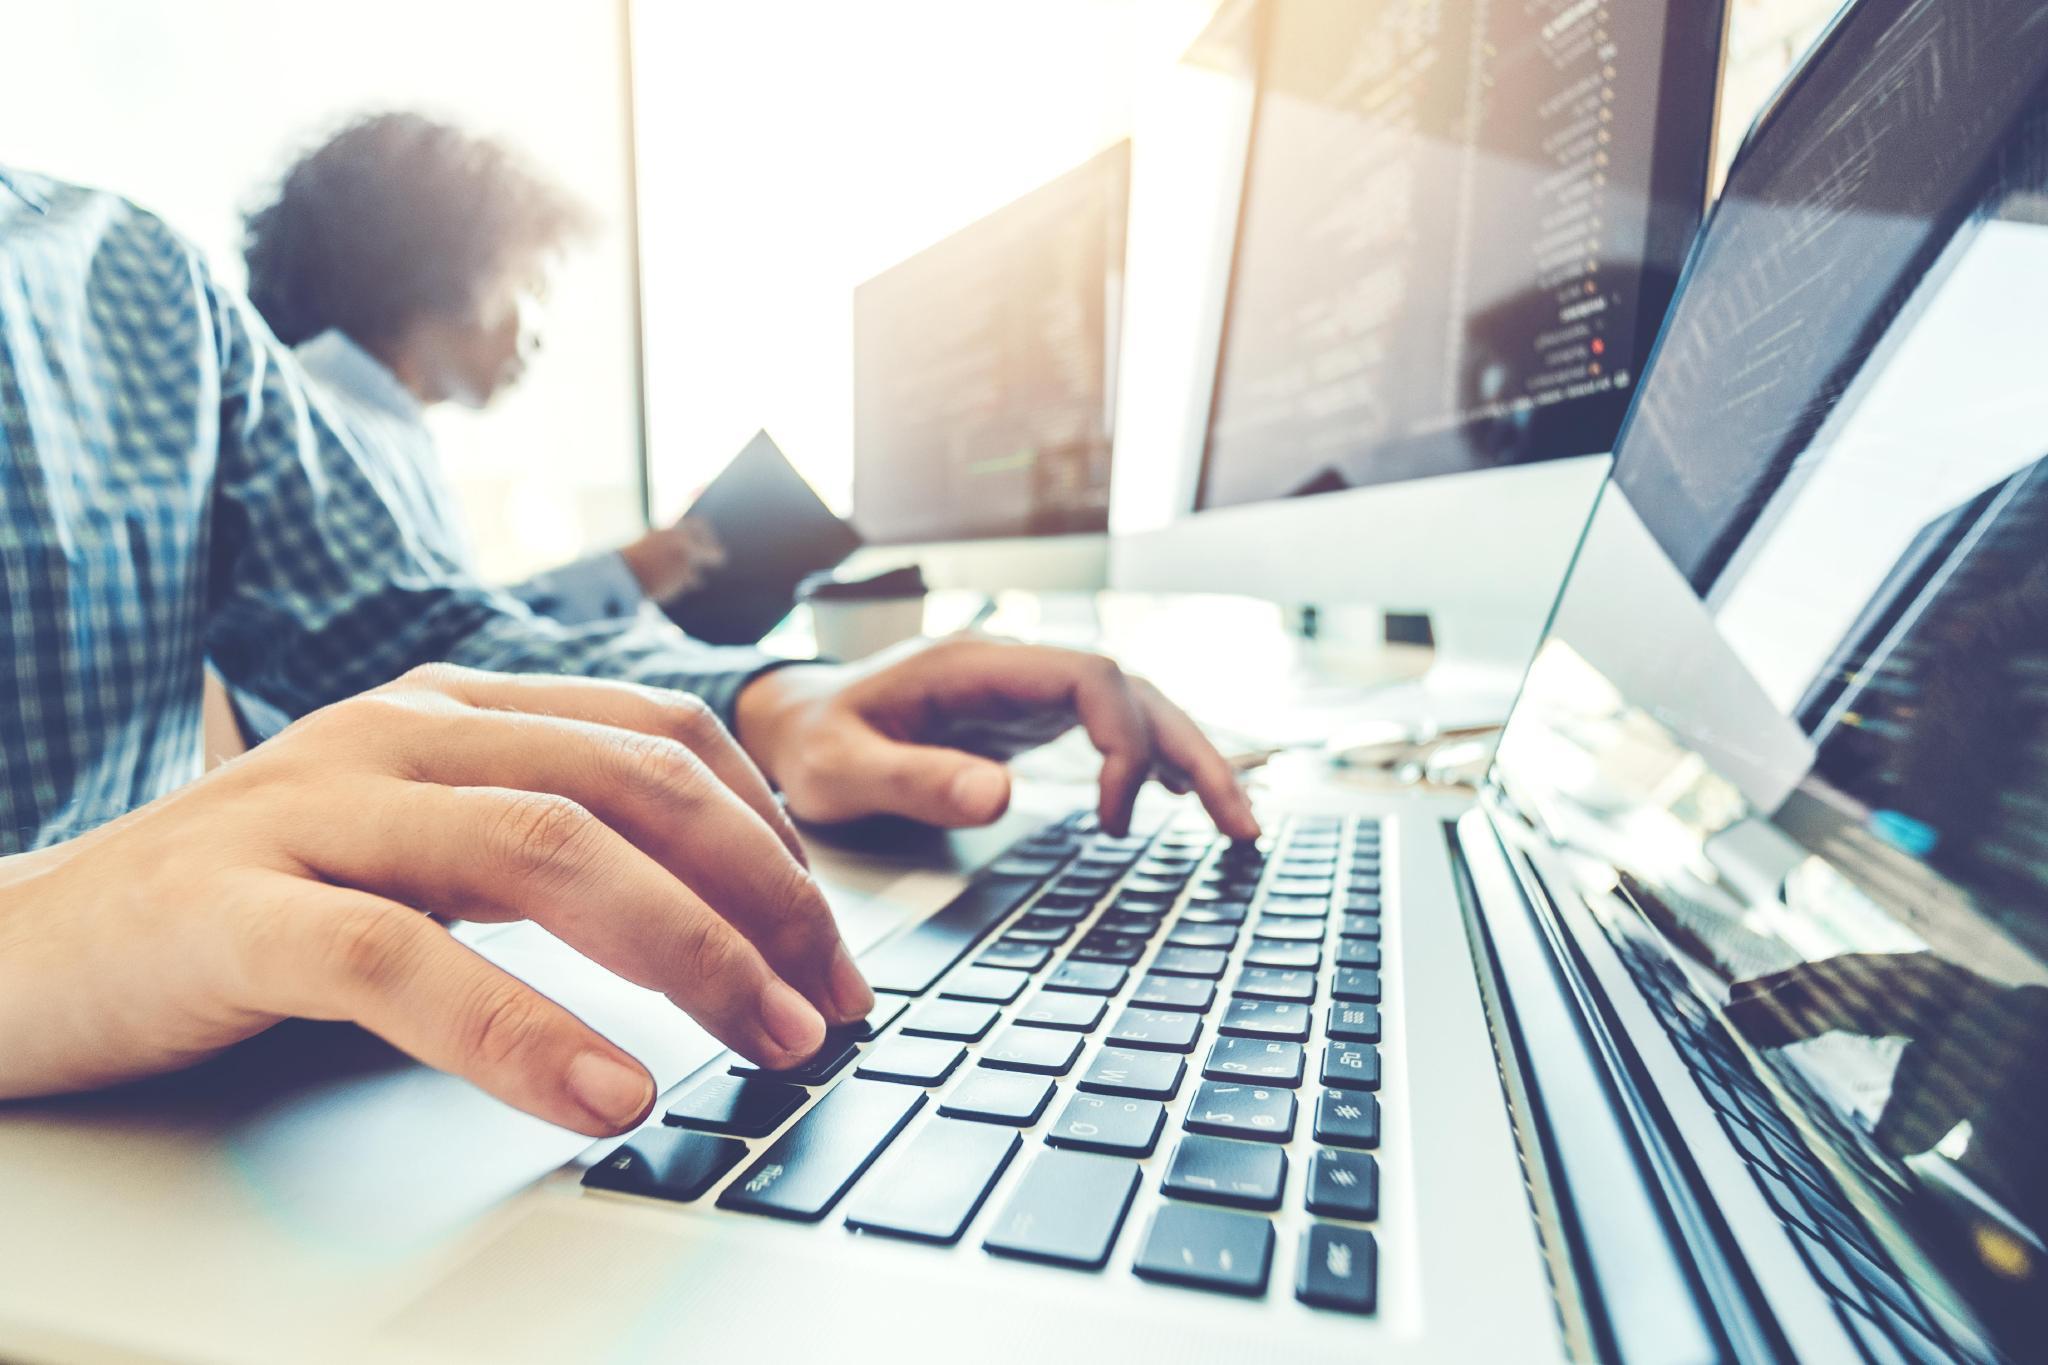 Imagem sobre Podcast Ligados na Indústria Tecnologia e Inovação aborda crescimento de TIC no país